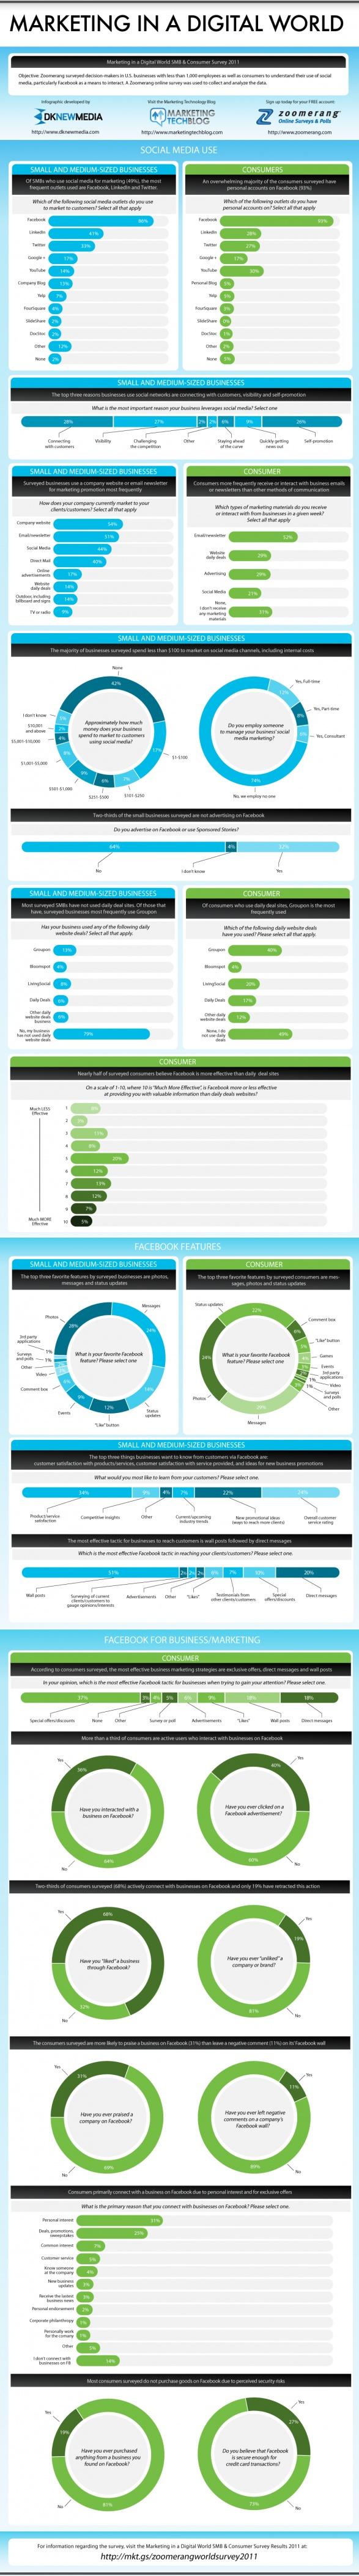 Consumidores vs Conducta de compra en las Redes Sociales #socialmedia #sm #infografia: Digital Marketing, Socialmedia Digitalmarket, Business Behavior, Social Media Infographic, Nice Infographic, Adwebmarket Biz, Socialmedia Infographic, Marketing Infographic, Consumer Behavior